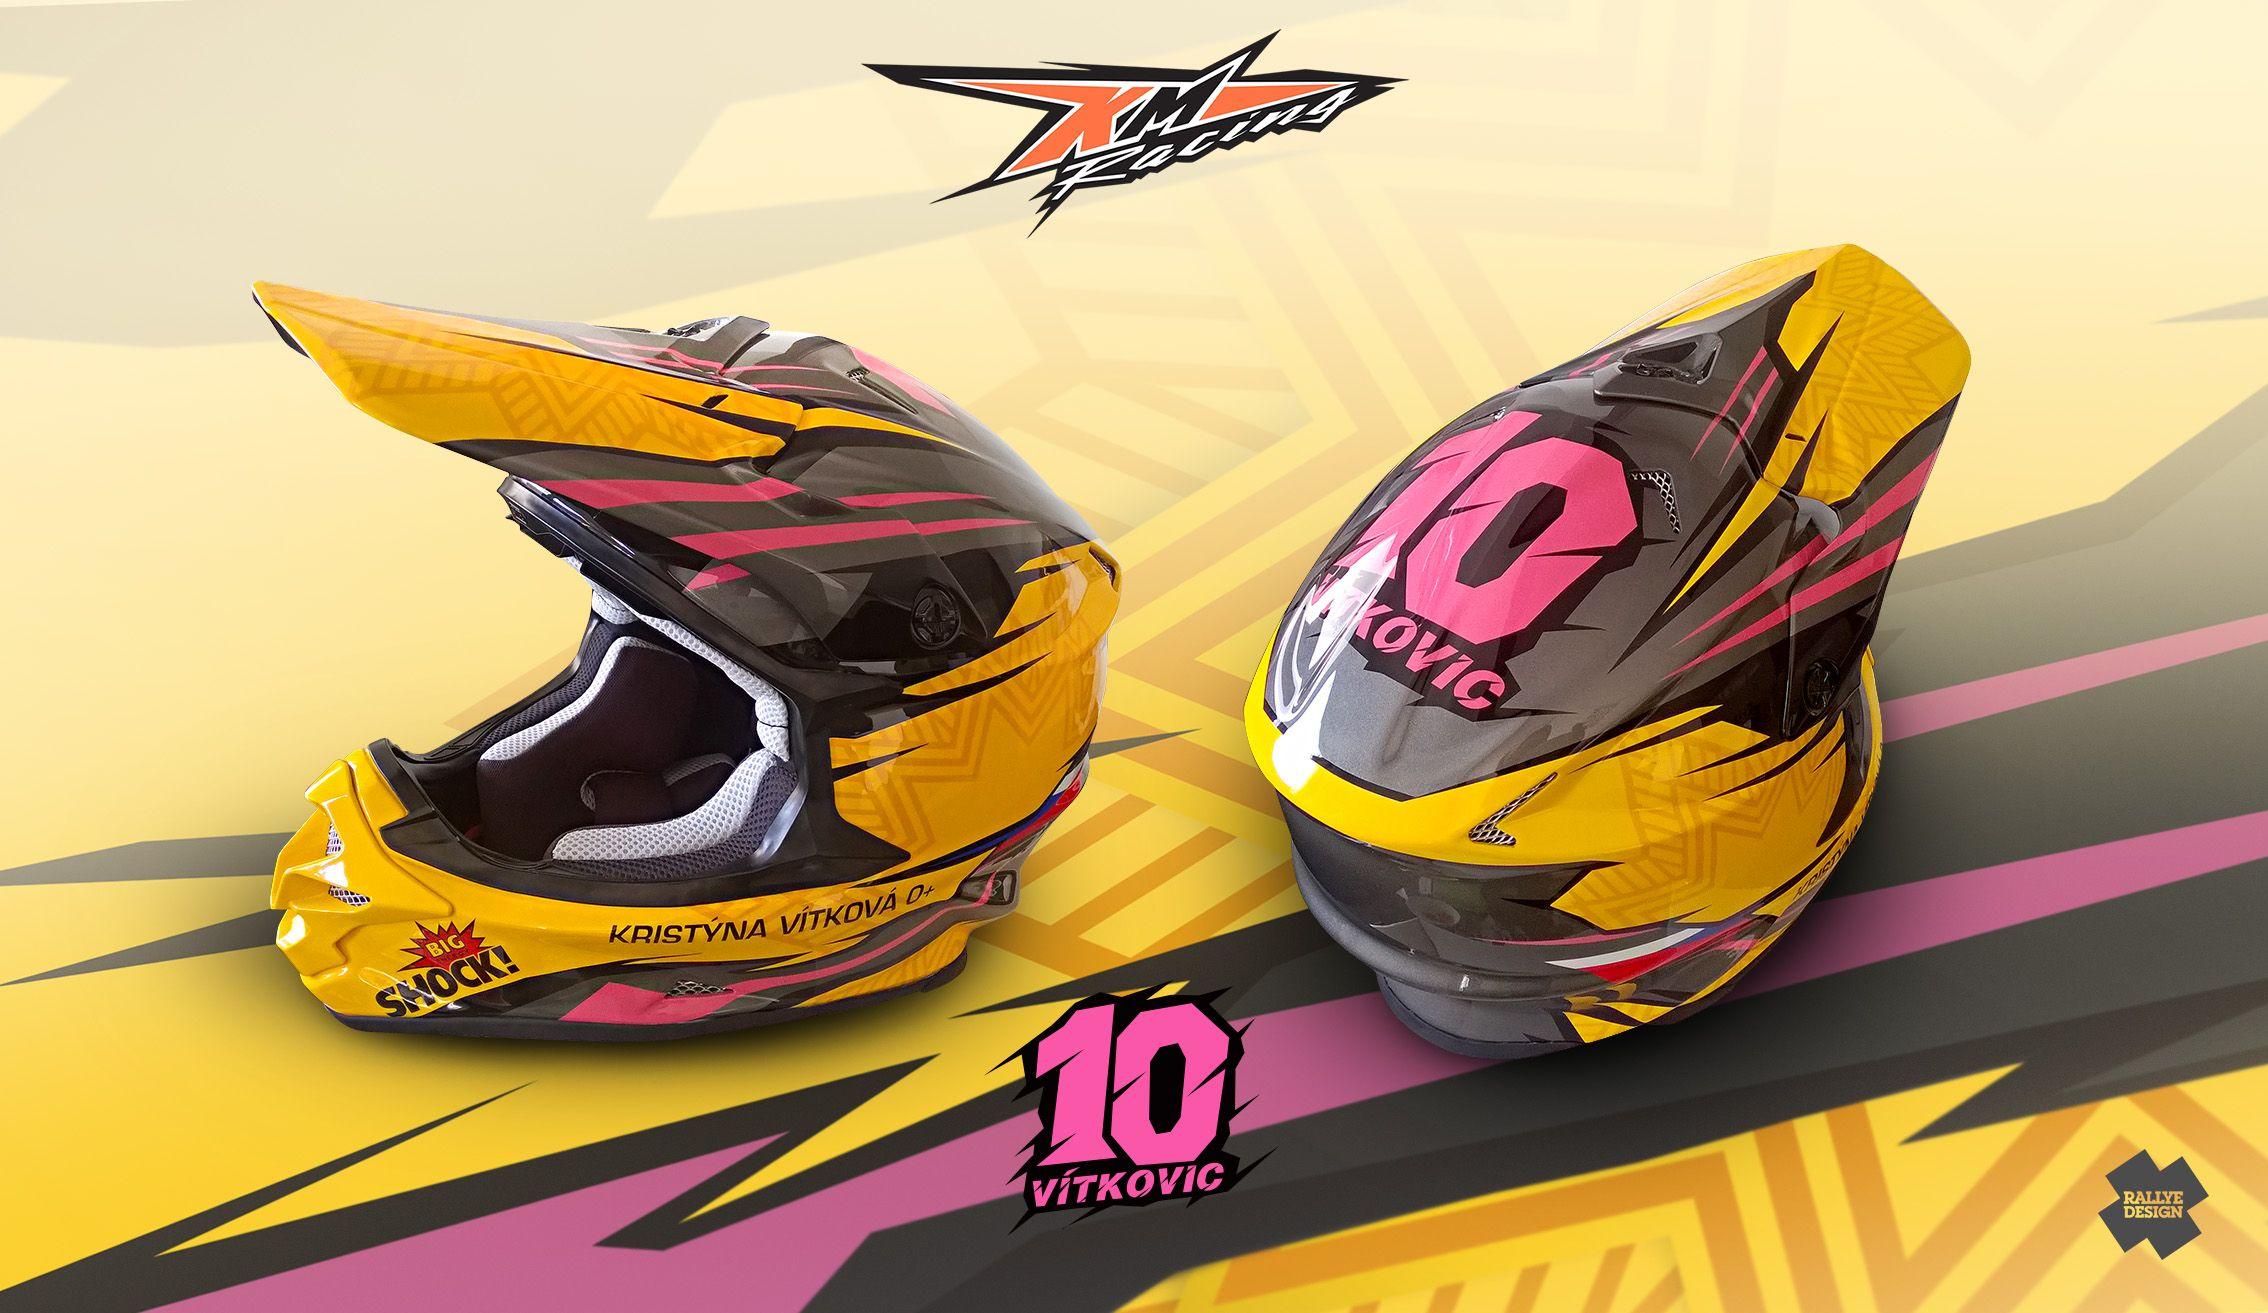 """New helmet design for a motocross rider Kristýna """"Vítkovic"""" Vítková motocross rider"""